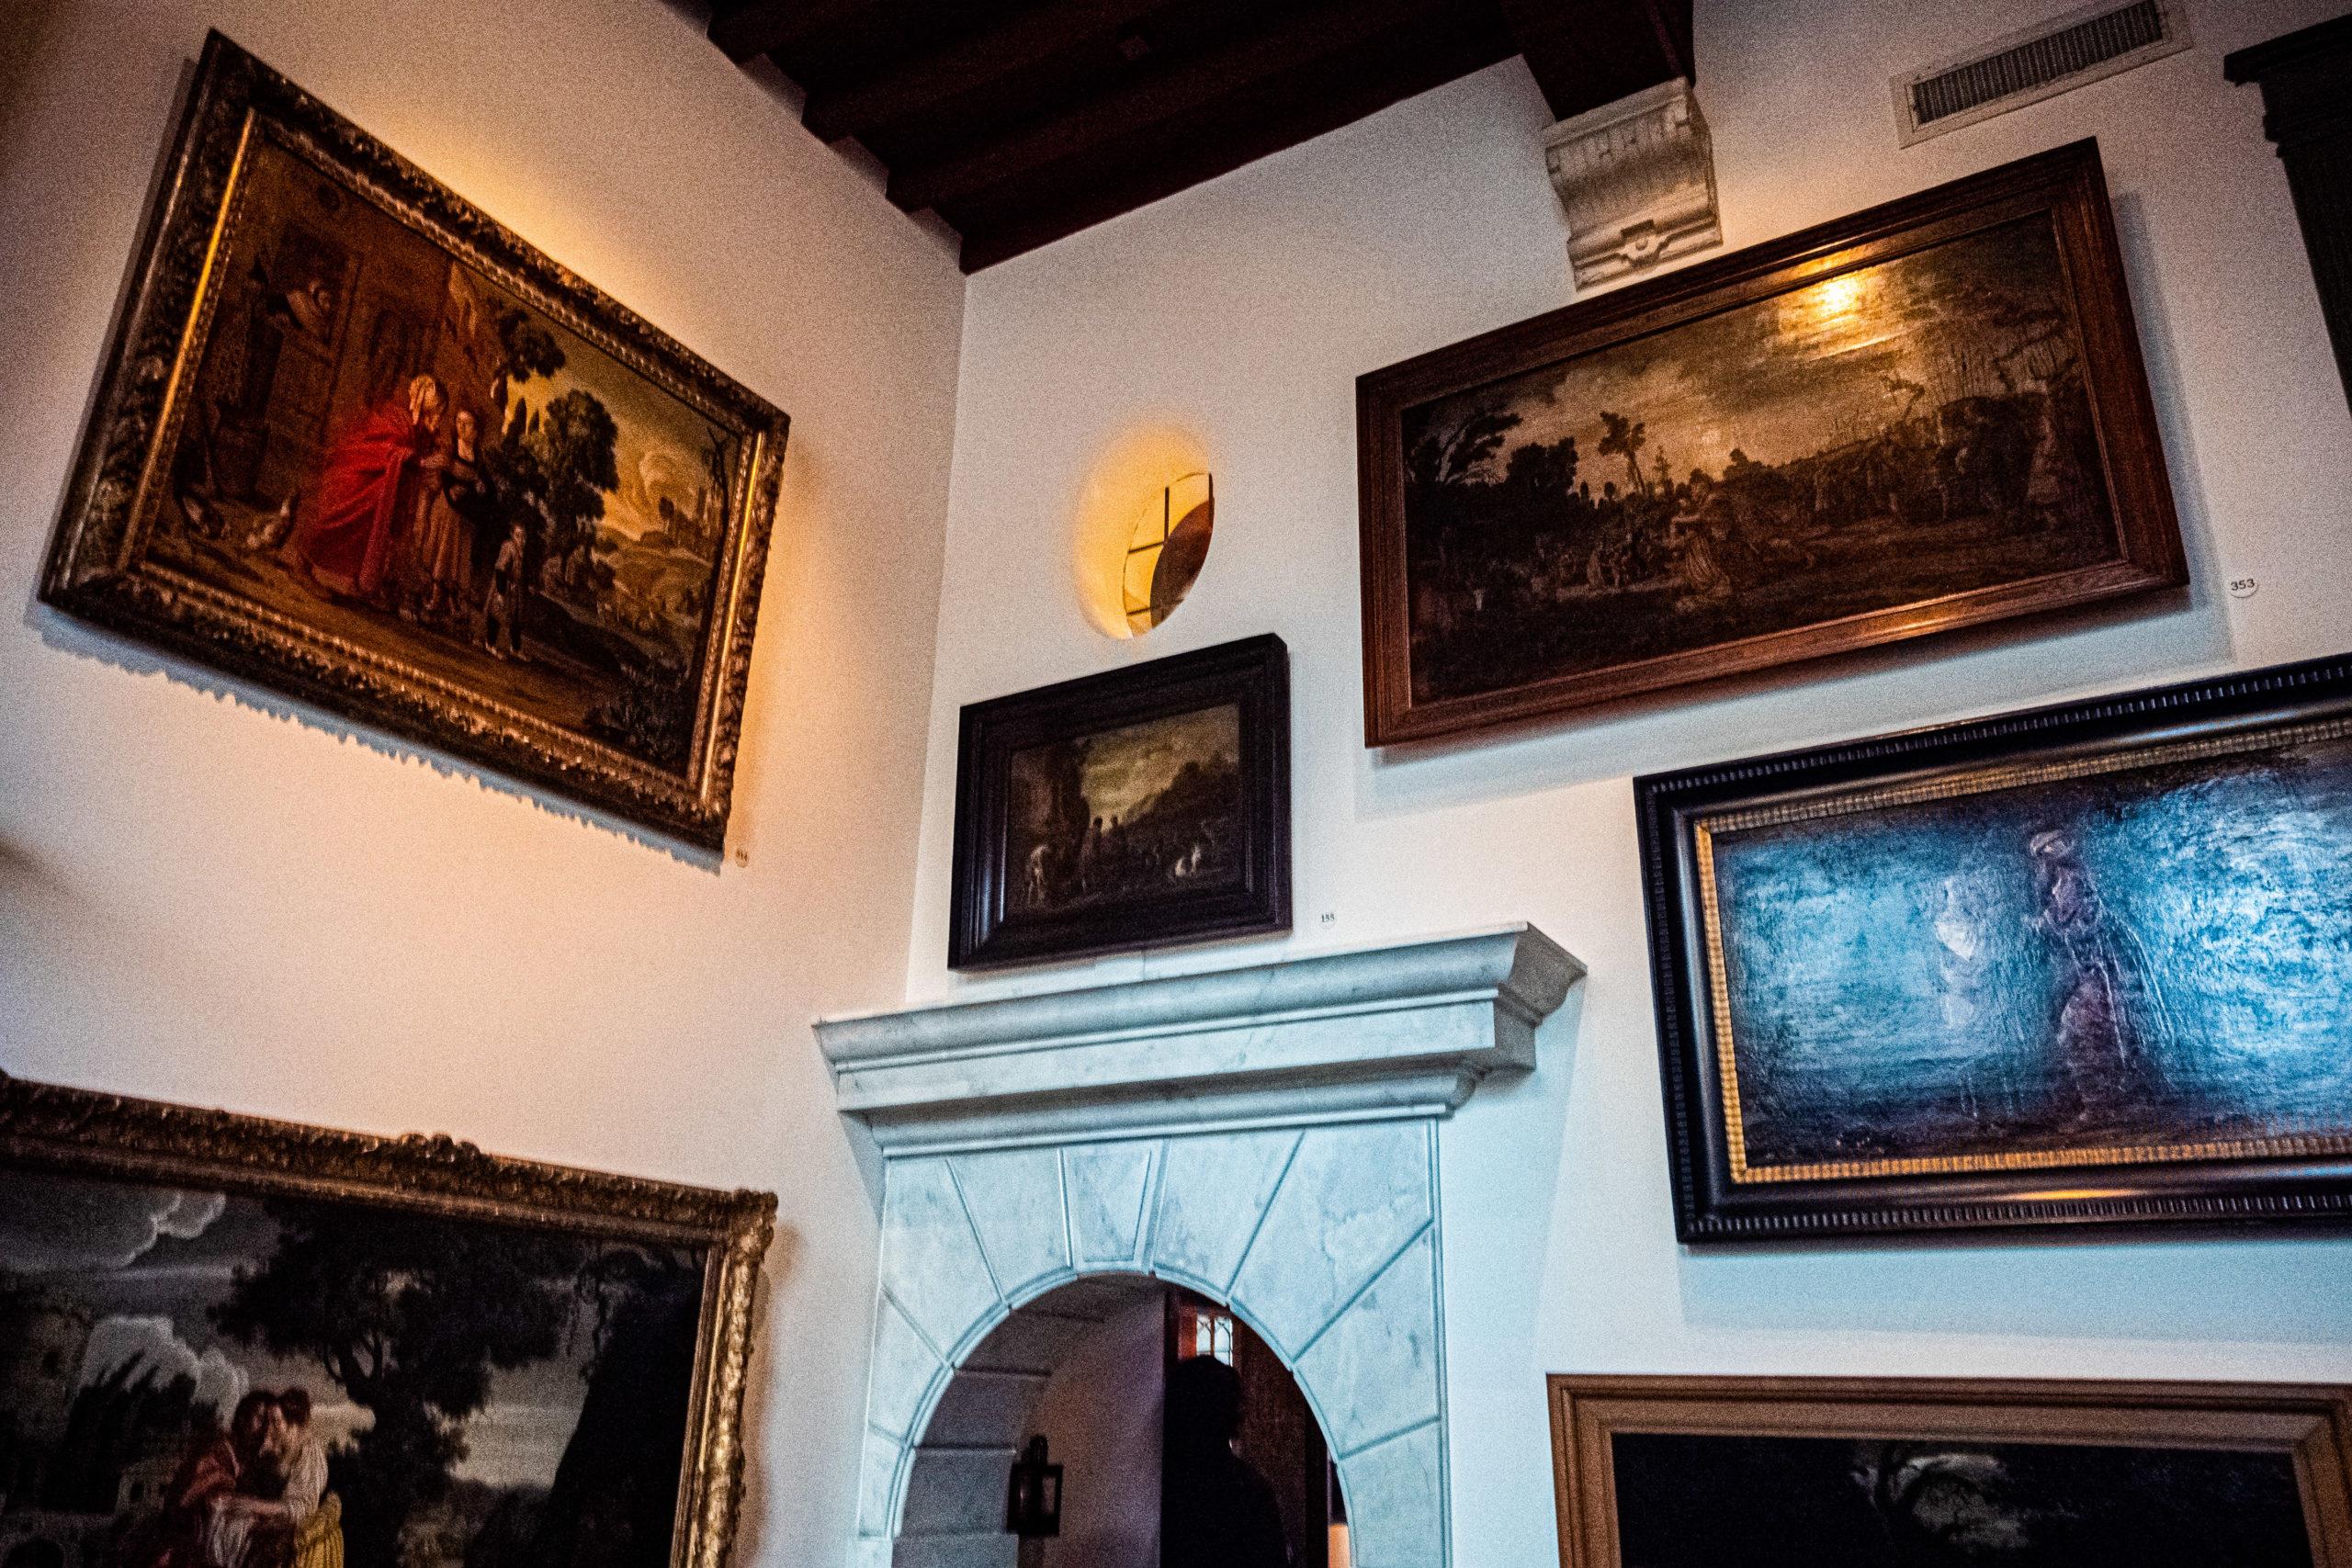 Tableaux du Musée de la Maison de Rembrandt